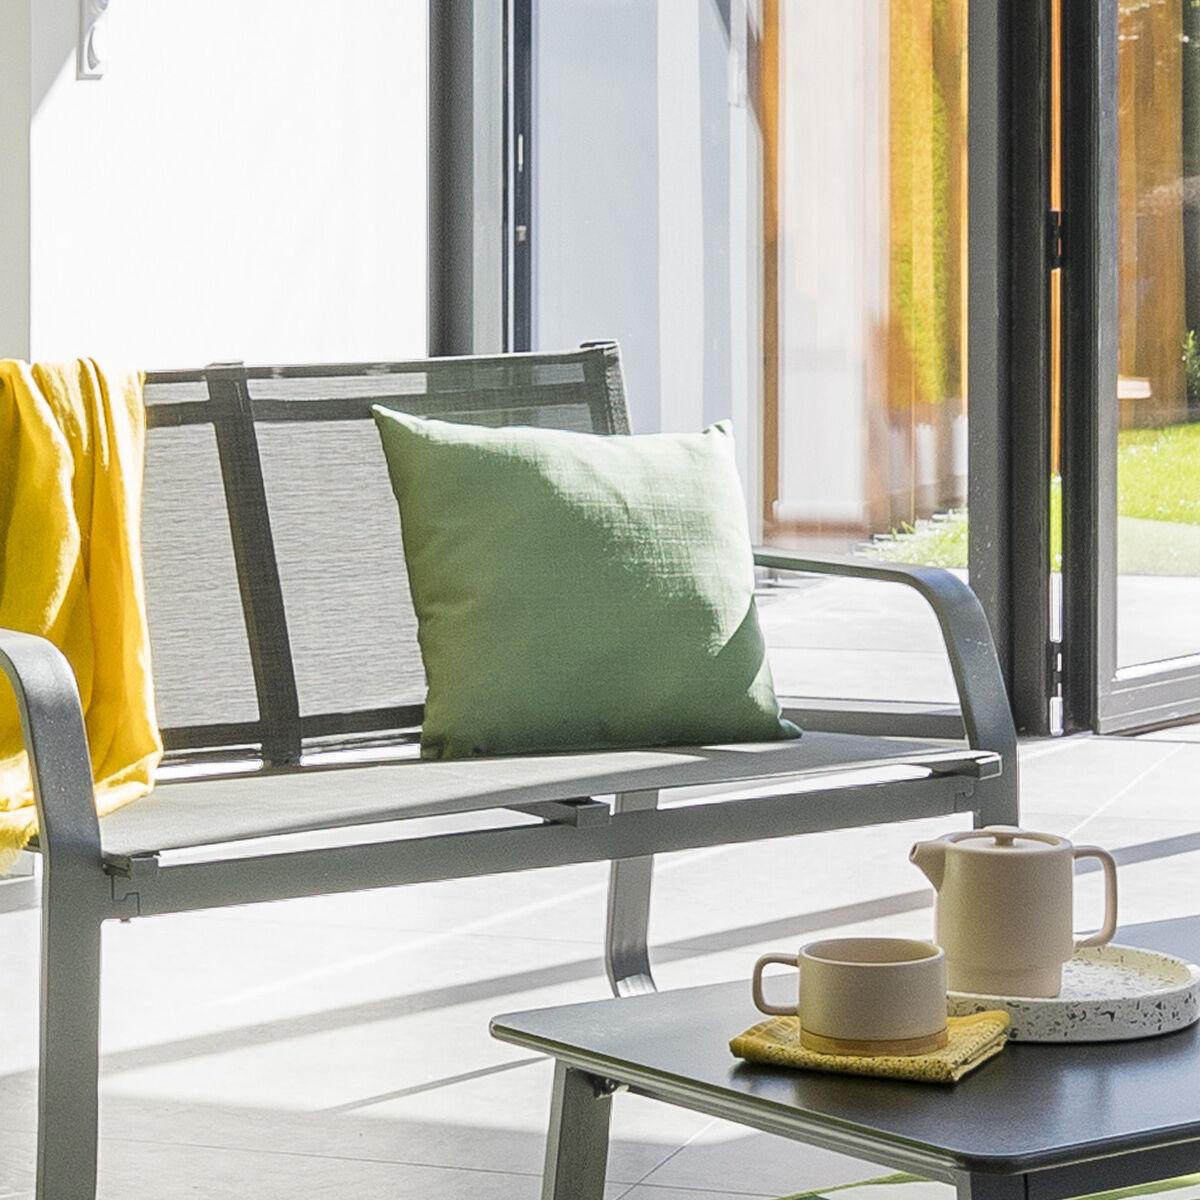 Hespéride Coussin déco d'extérieur Korai Vert olive Jardin 40 x 40 cm - Polyester